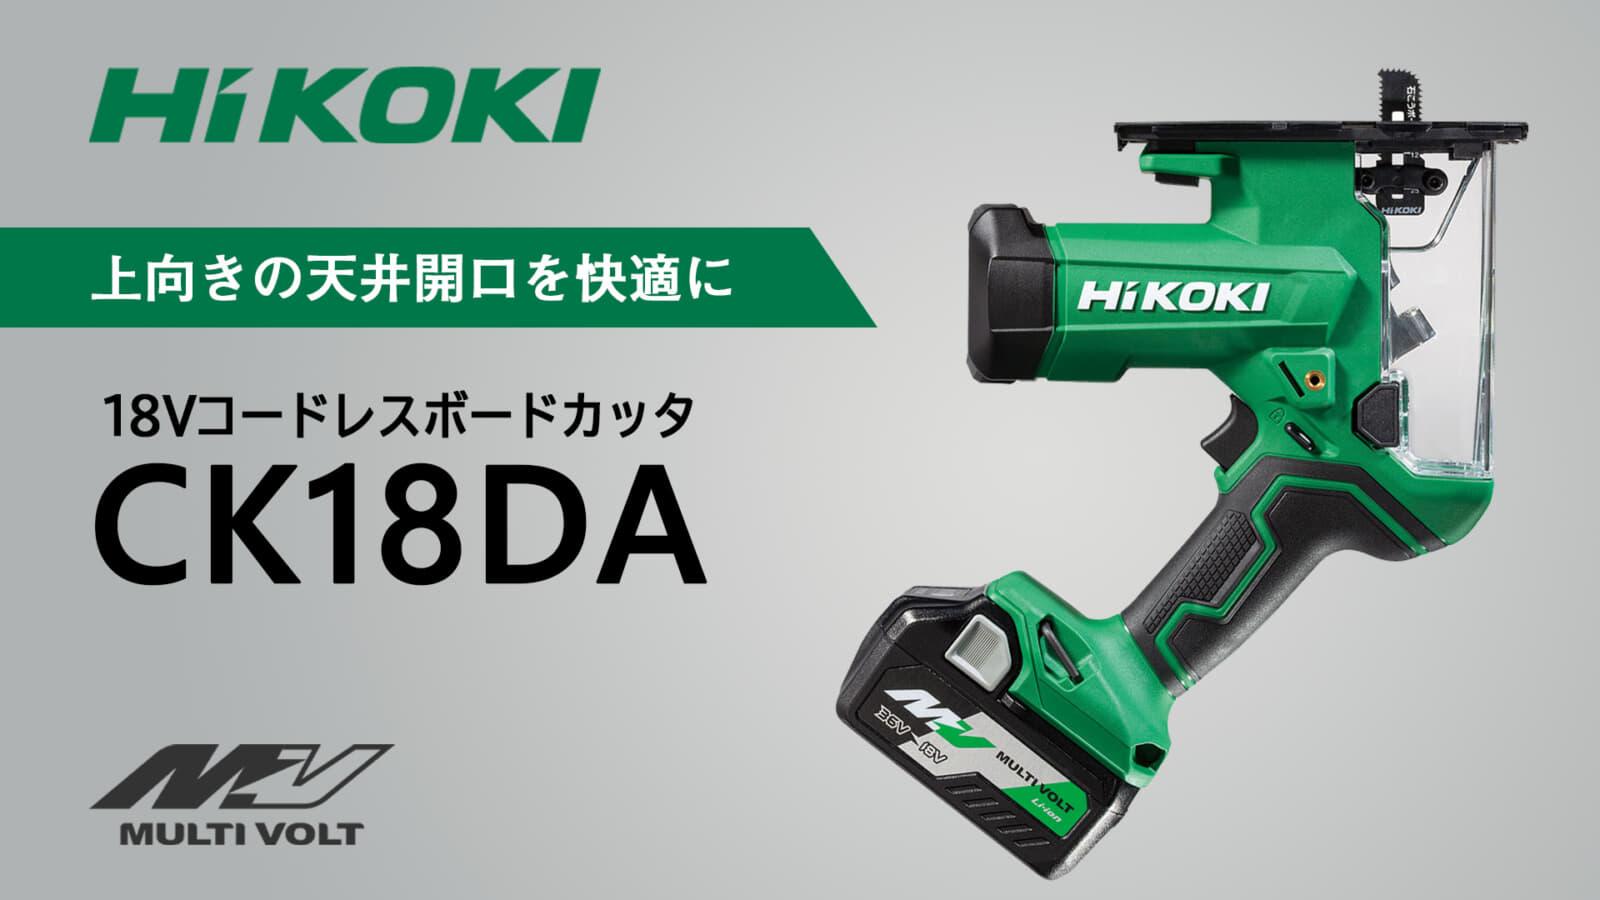 HiKOKI CK18DA コードレスボードカッタを発売、上向き作業に最適なガン形状タイプ